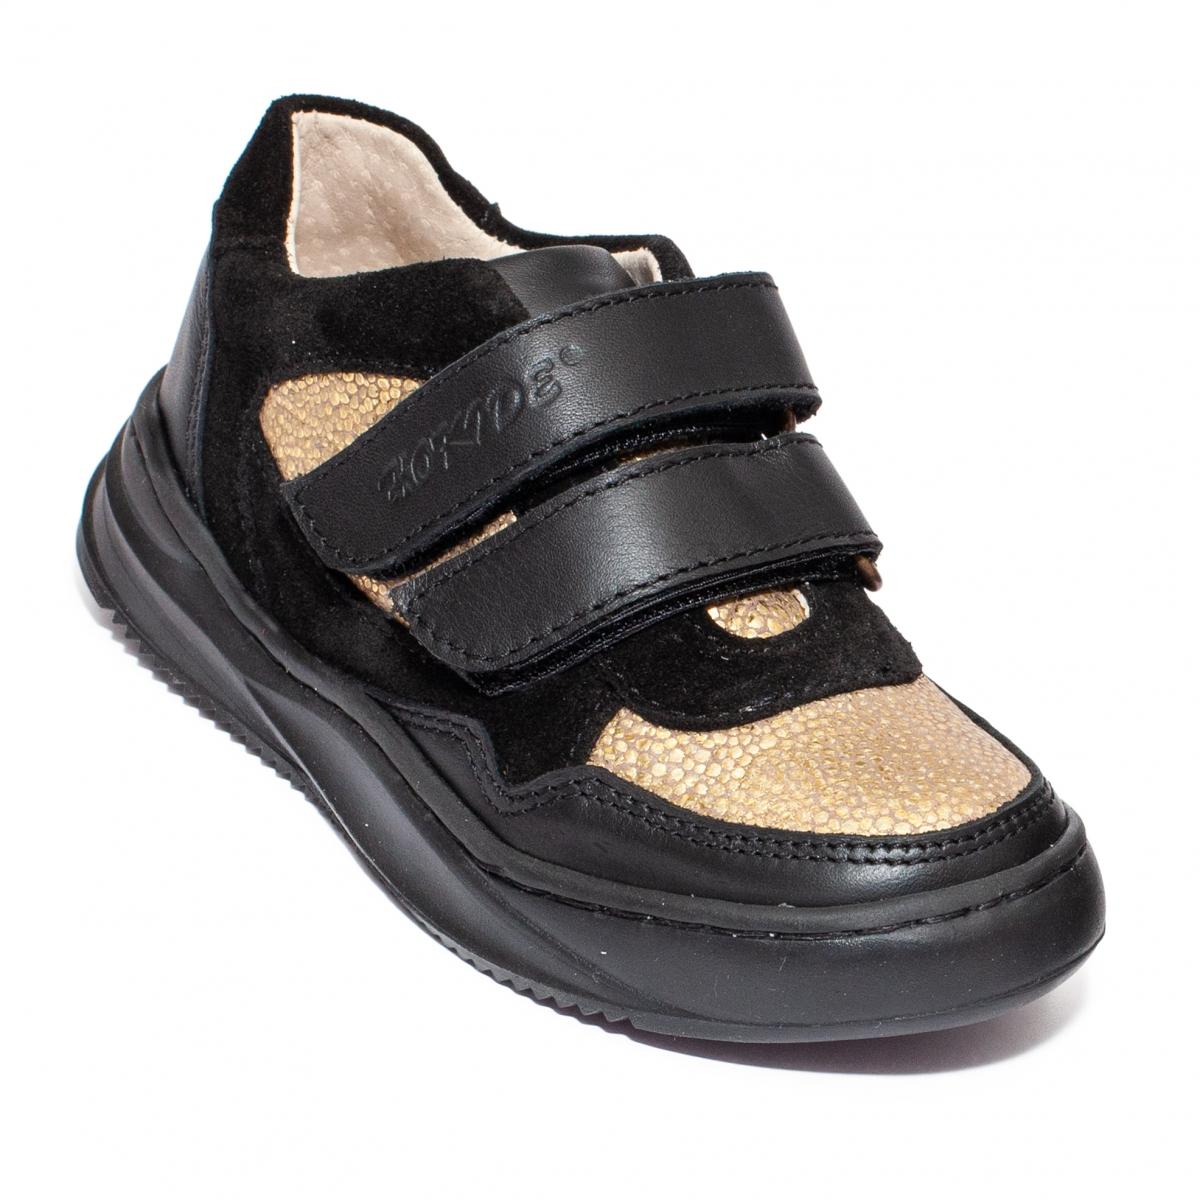 Pantofi fete sport hokide 450 negru auriu 26-37